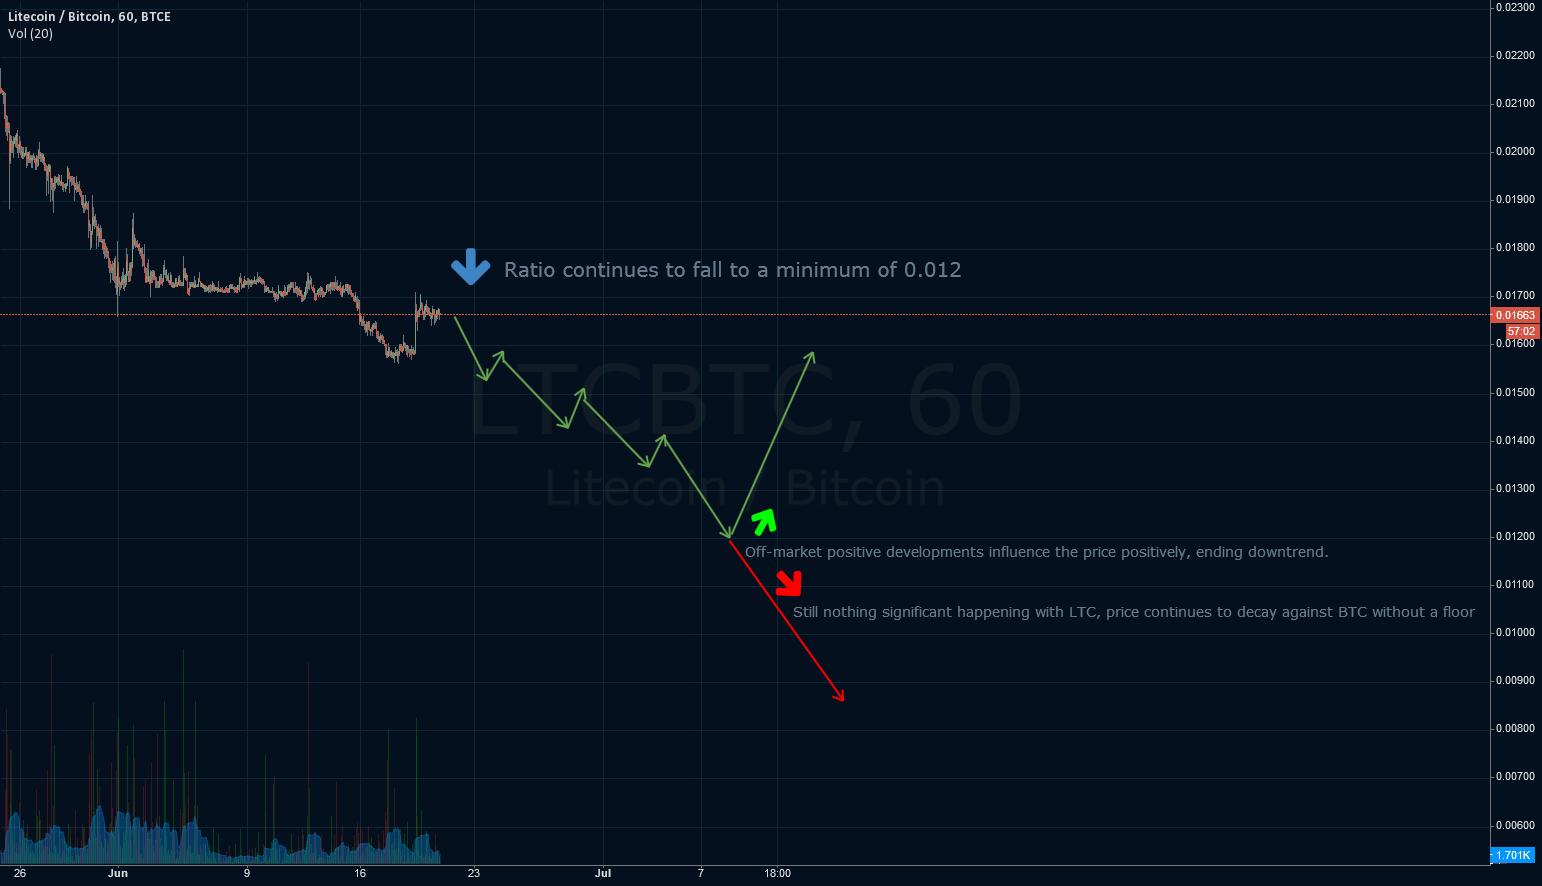 LTC/BTC - Mid-term price decay